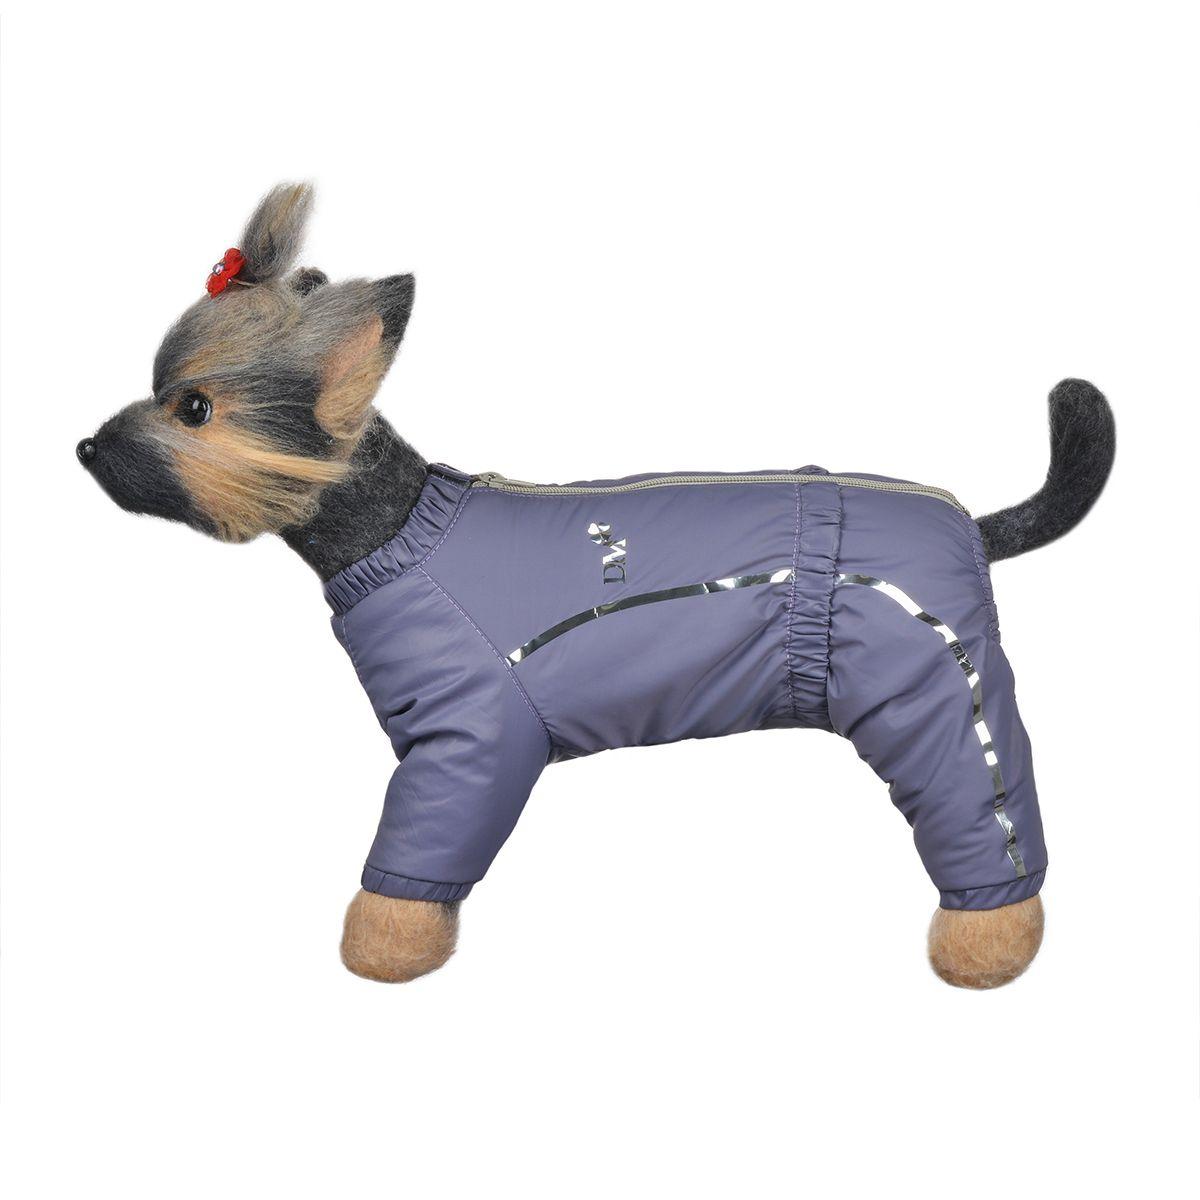 Комбинезон для собак Dogmoda Альпы, зимний, для девочки, цвет: фиолетовый, серый. Размер 2 (M)DM-150350-2Зимний комбинезон для собак Dogmoda Альпы отлично подойдет для прогулок в зимнее время года.Комбинезон изготовлен из полиэстера, защищающего от ветра и снега, с утеплителем из синтепона, который сохранит тепло даже в сильные морозы, а на подкладке используется искусственный мех, который обеспечивает отличный воздухообмен. Комбинезон застегивается на молнию и липучку, благодаря чему его легко надевать и снимать. Ворот, низ рукавов и брючин оснащены внутренними резинками, которые мягко обхватывают шею и лапки, не позволяя просачиваться холодному воздуху. На пояснице имеется внутренняя резинка. Изделие декорировано серебристыми полосками и надписью DM.Благодаря такому комбинезону простуда не грозит вашему питомцу и он сможет испытать не сравнимое удовольствие от снежных игр и забав.